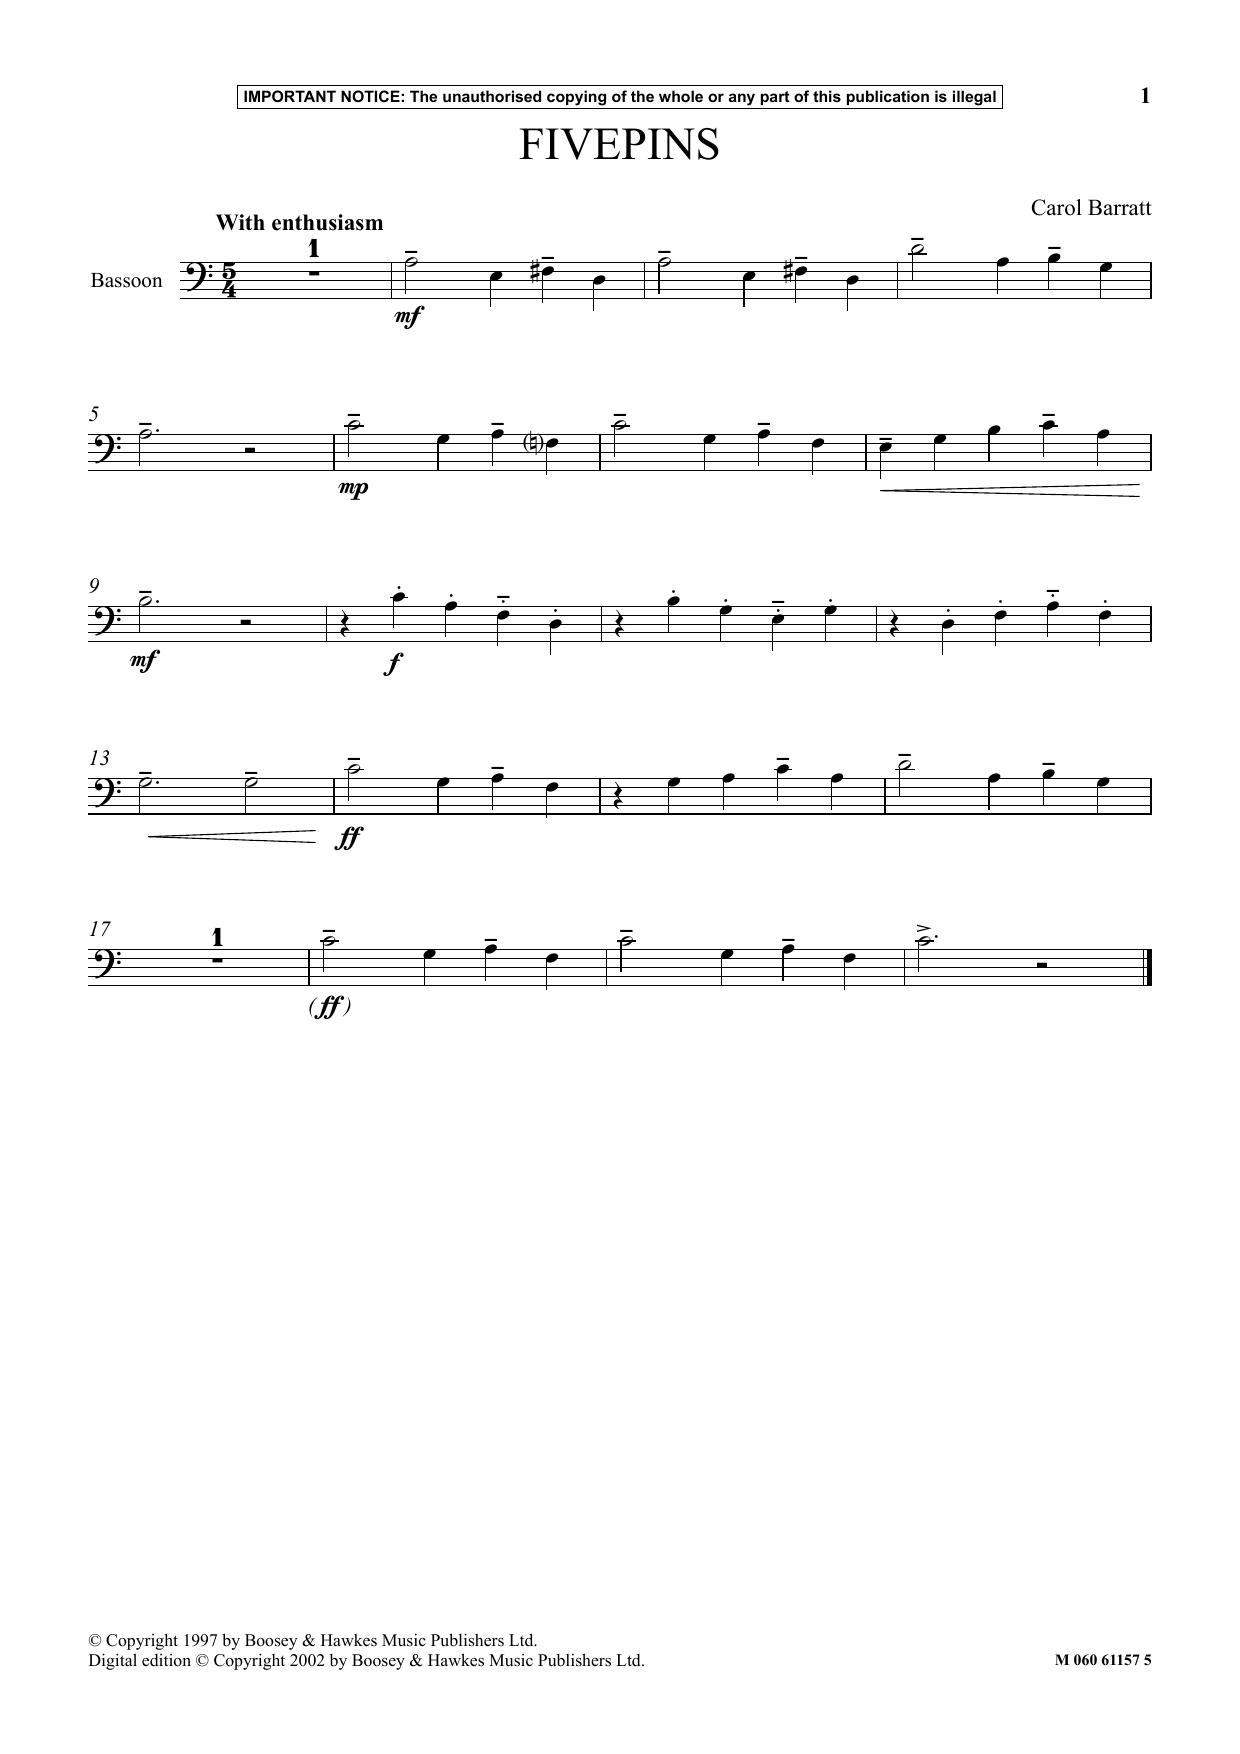 Fivepins Sheet Music